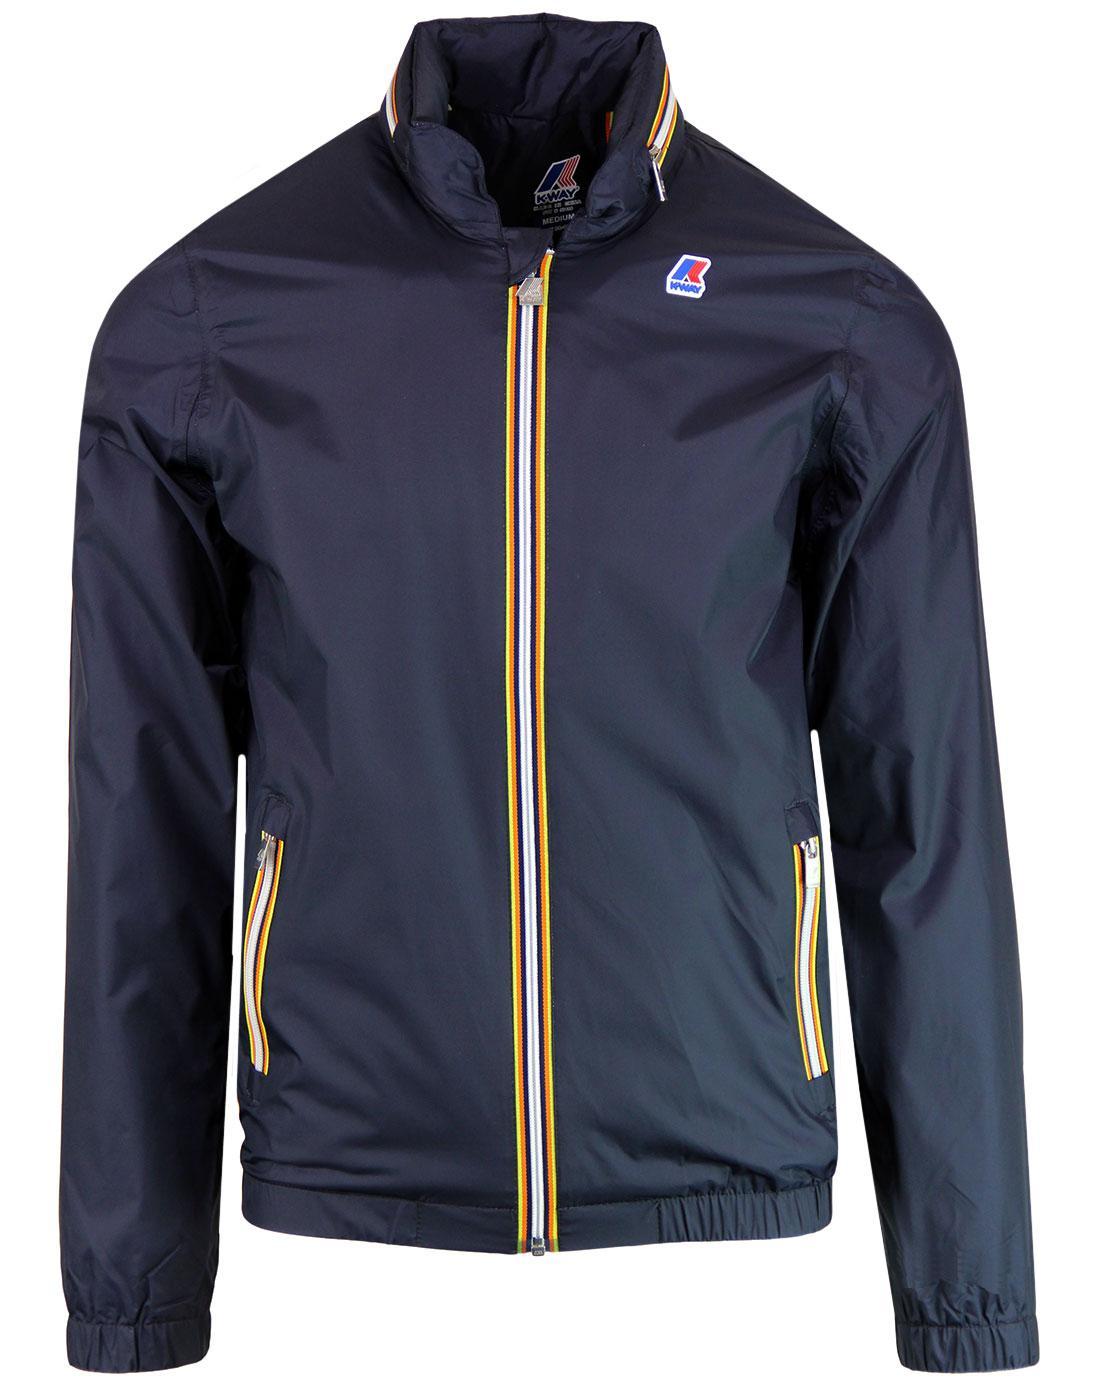 Philippe K-WAY Retro Nylon Jersey Bomber Jacket BD